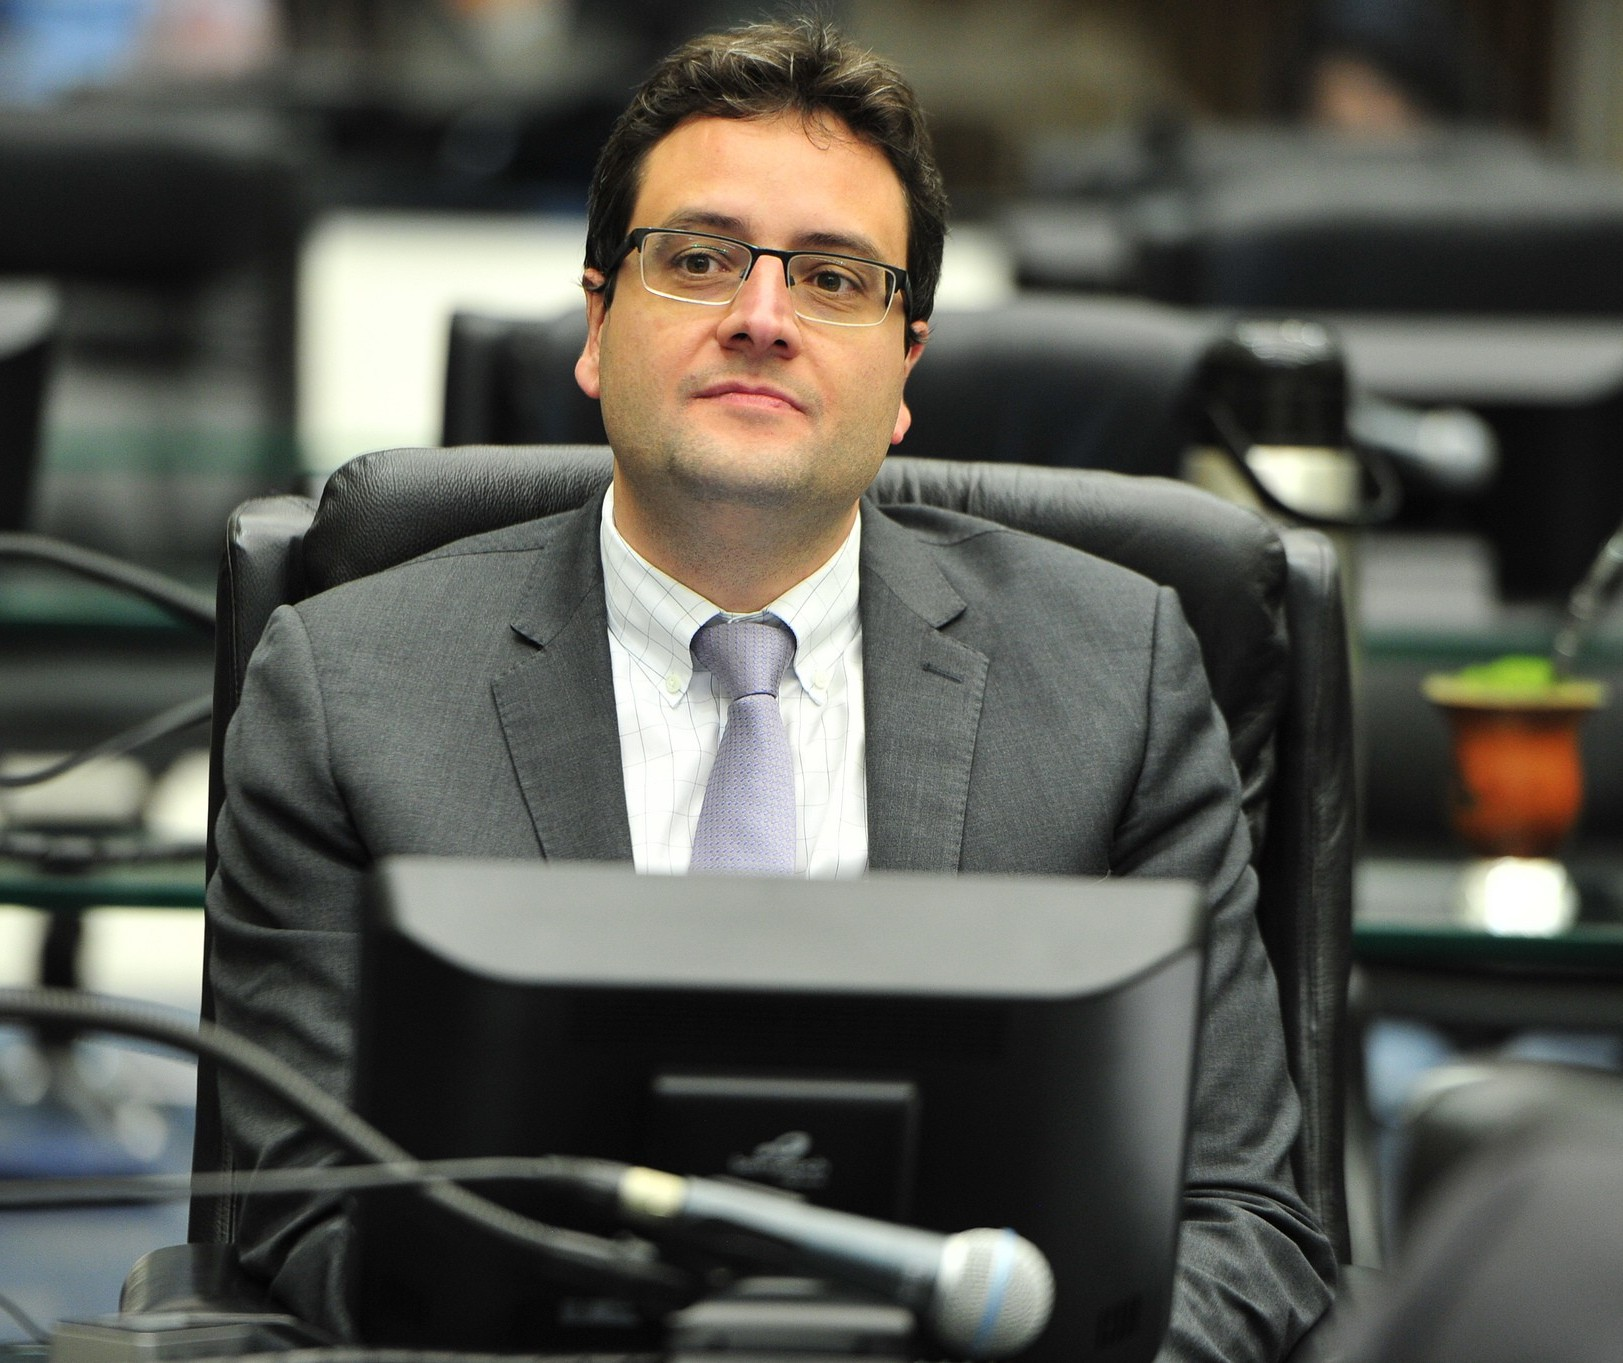 Há R$ 1,7 bilhão disponível para ações emergenciais, diz Homero Marchese